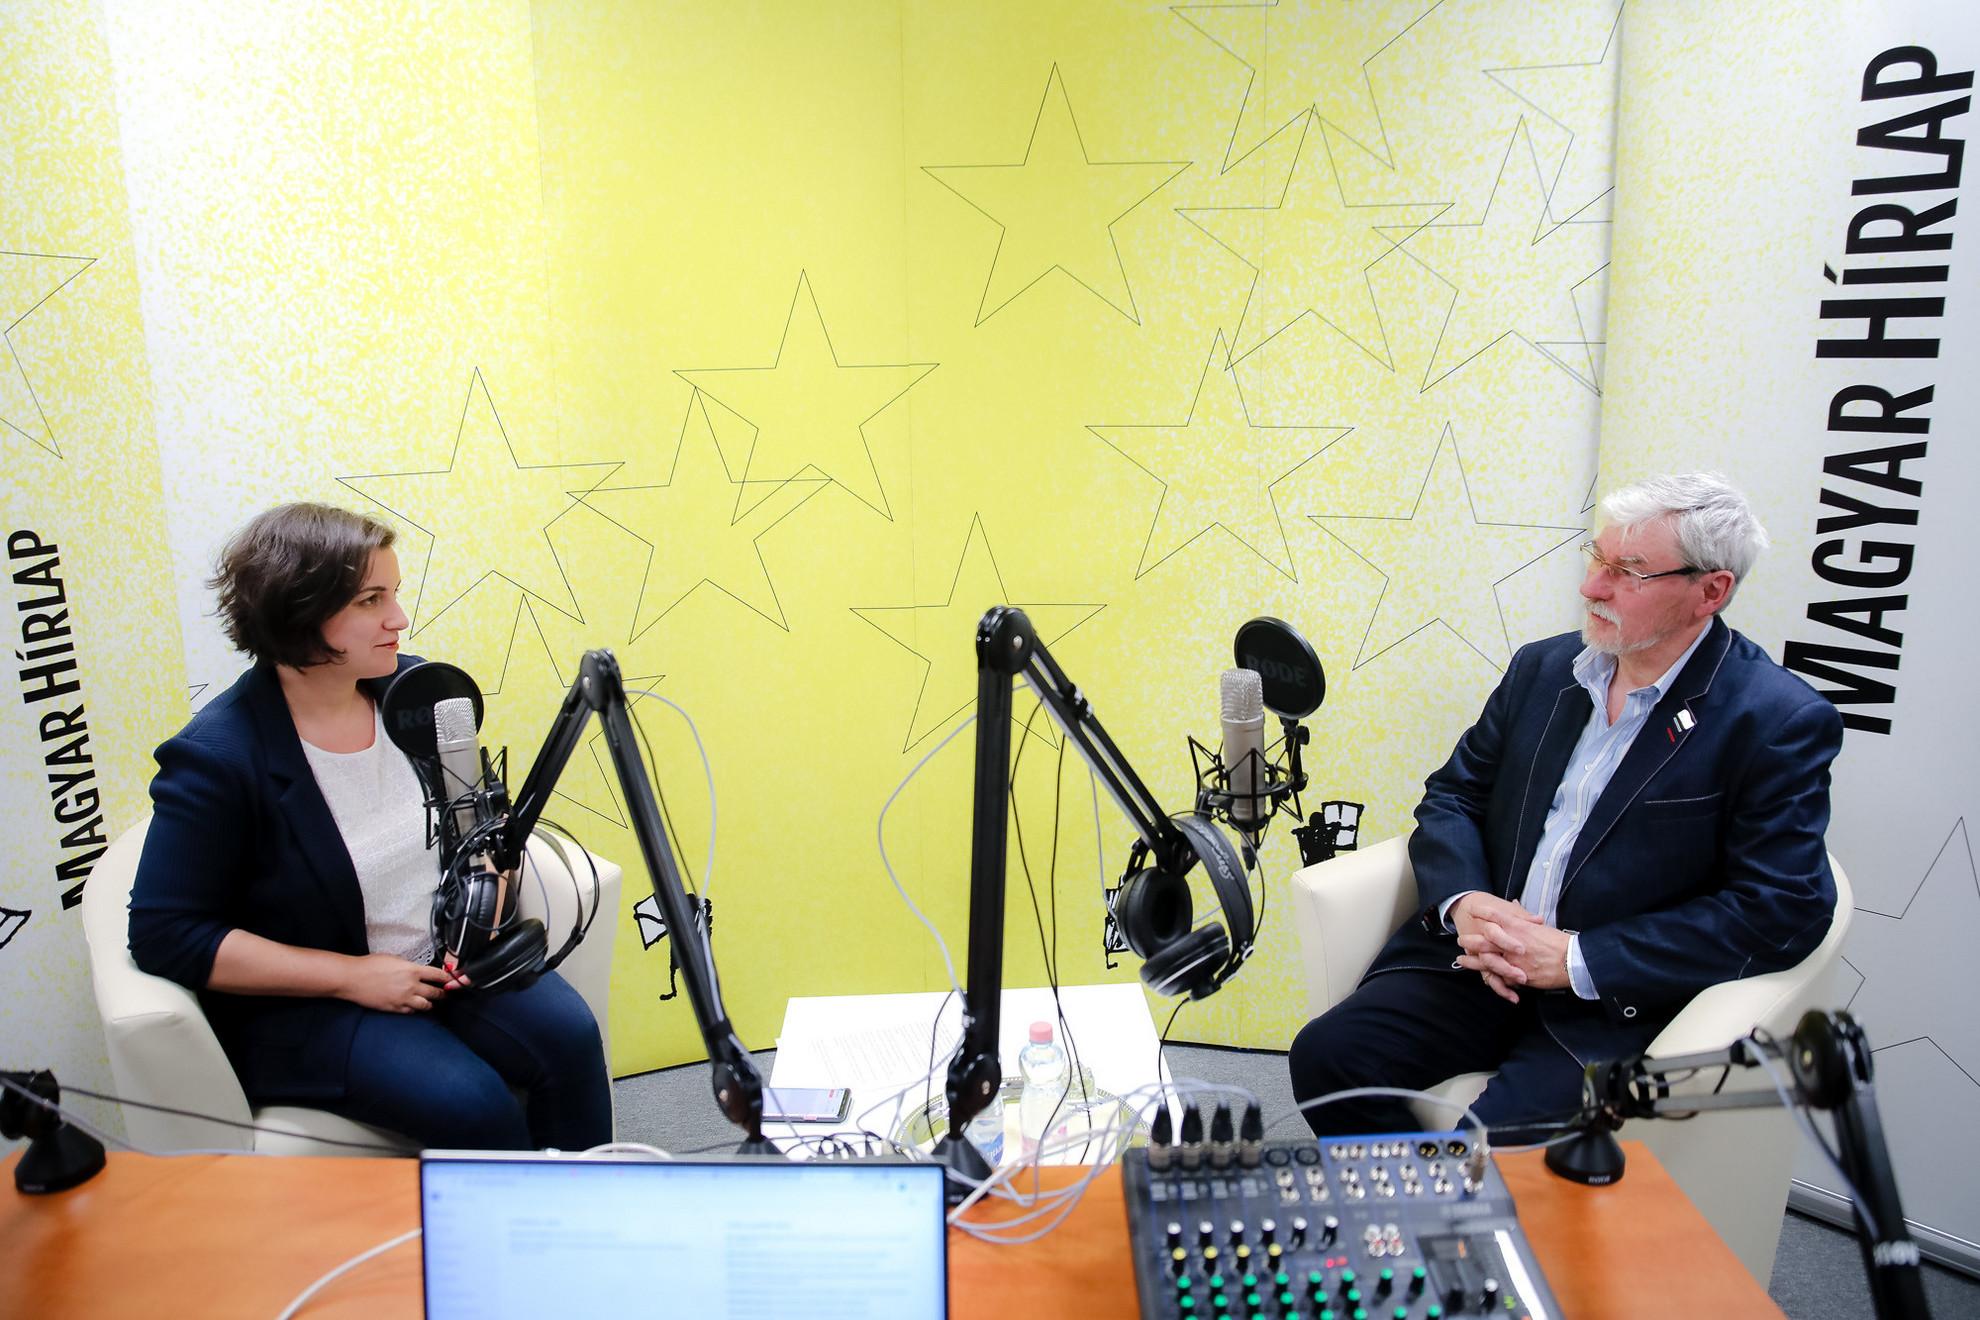 Lapunk főmunkatársa, Őry Mariann és Szakály Sándor, a VERITAS Történetkutató Intézet és Levéltár főigazgatója a Faktumban